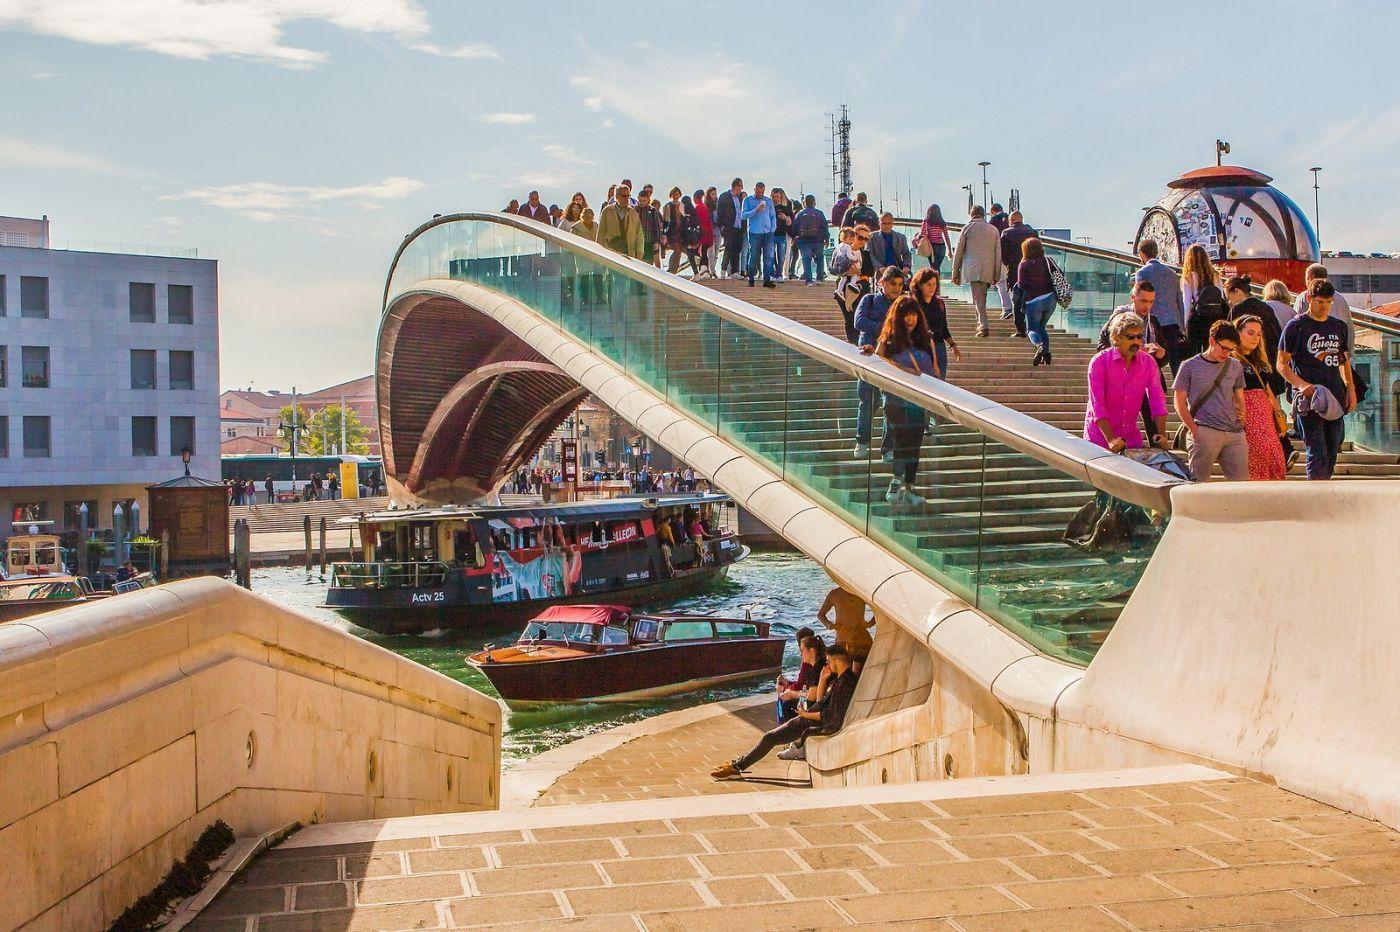 意大利威尼斯,桥的艺术_图1-21